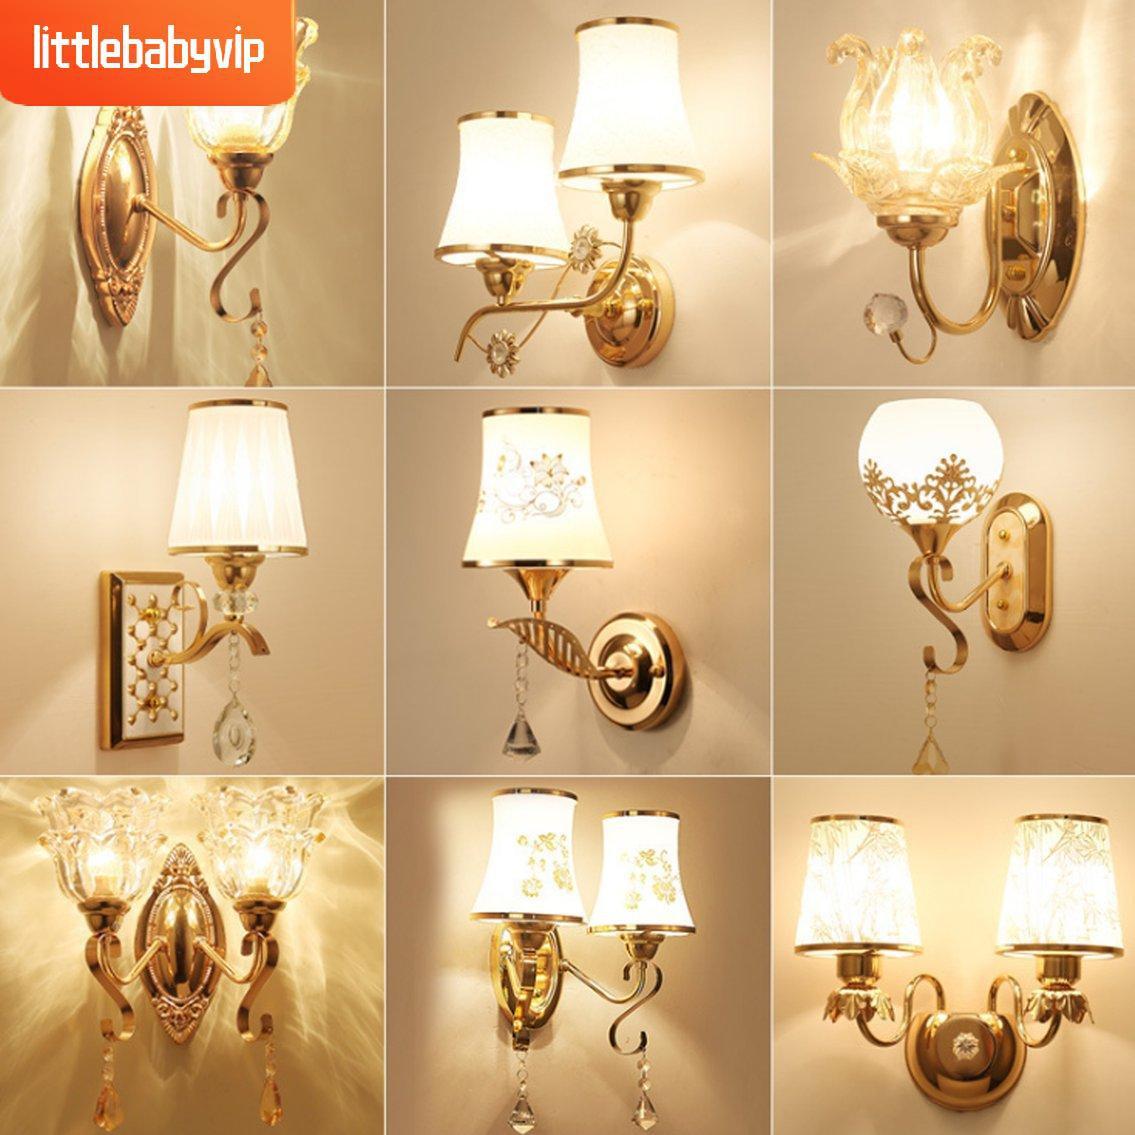 Lampu Dinding Led Bentuk Kristal Untuk Dekorasi Kamar Tidur B010 Littlebabyvip Shopee Indonesia Lampu dinding kamar tidur